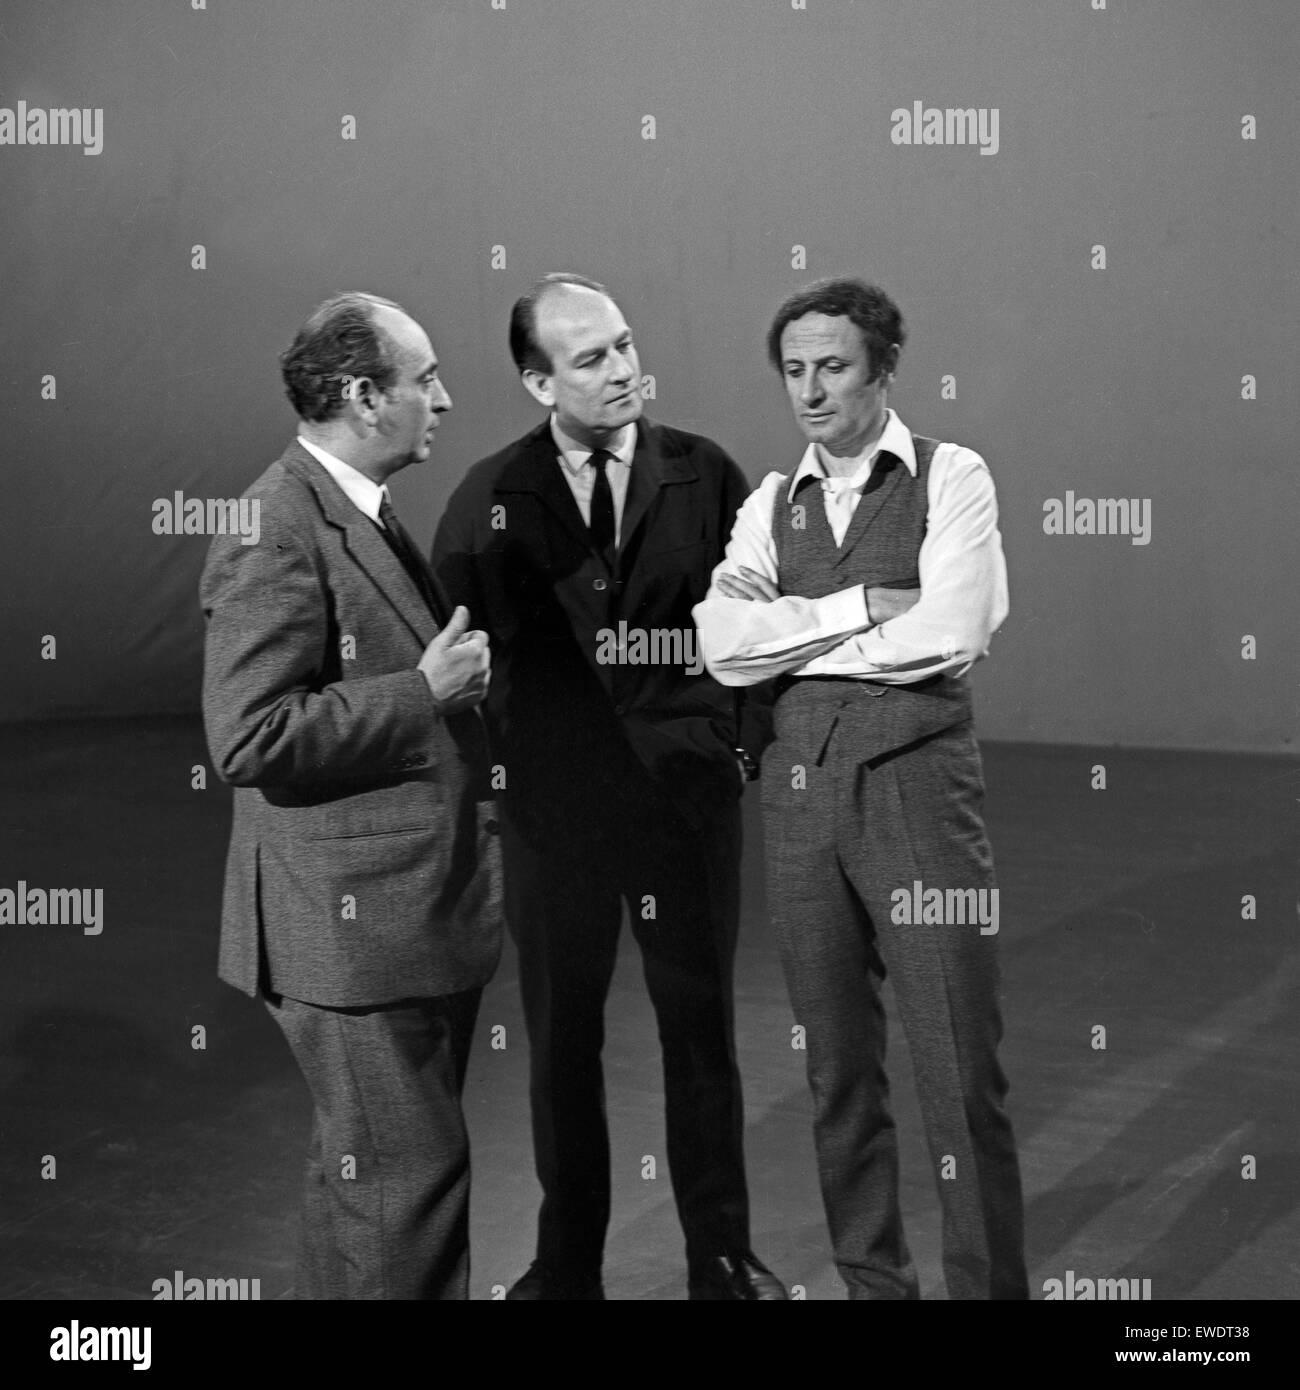 Französischer Pantomime Marcel Marceau mit Regisseur Ruprecht Essberger  in Hamburg, Deutschland 1960er Jahre. - Stock Image